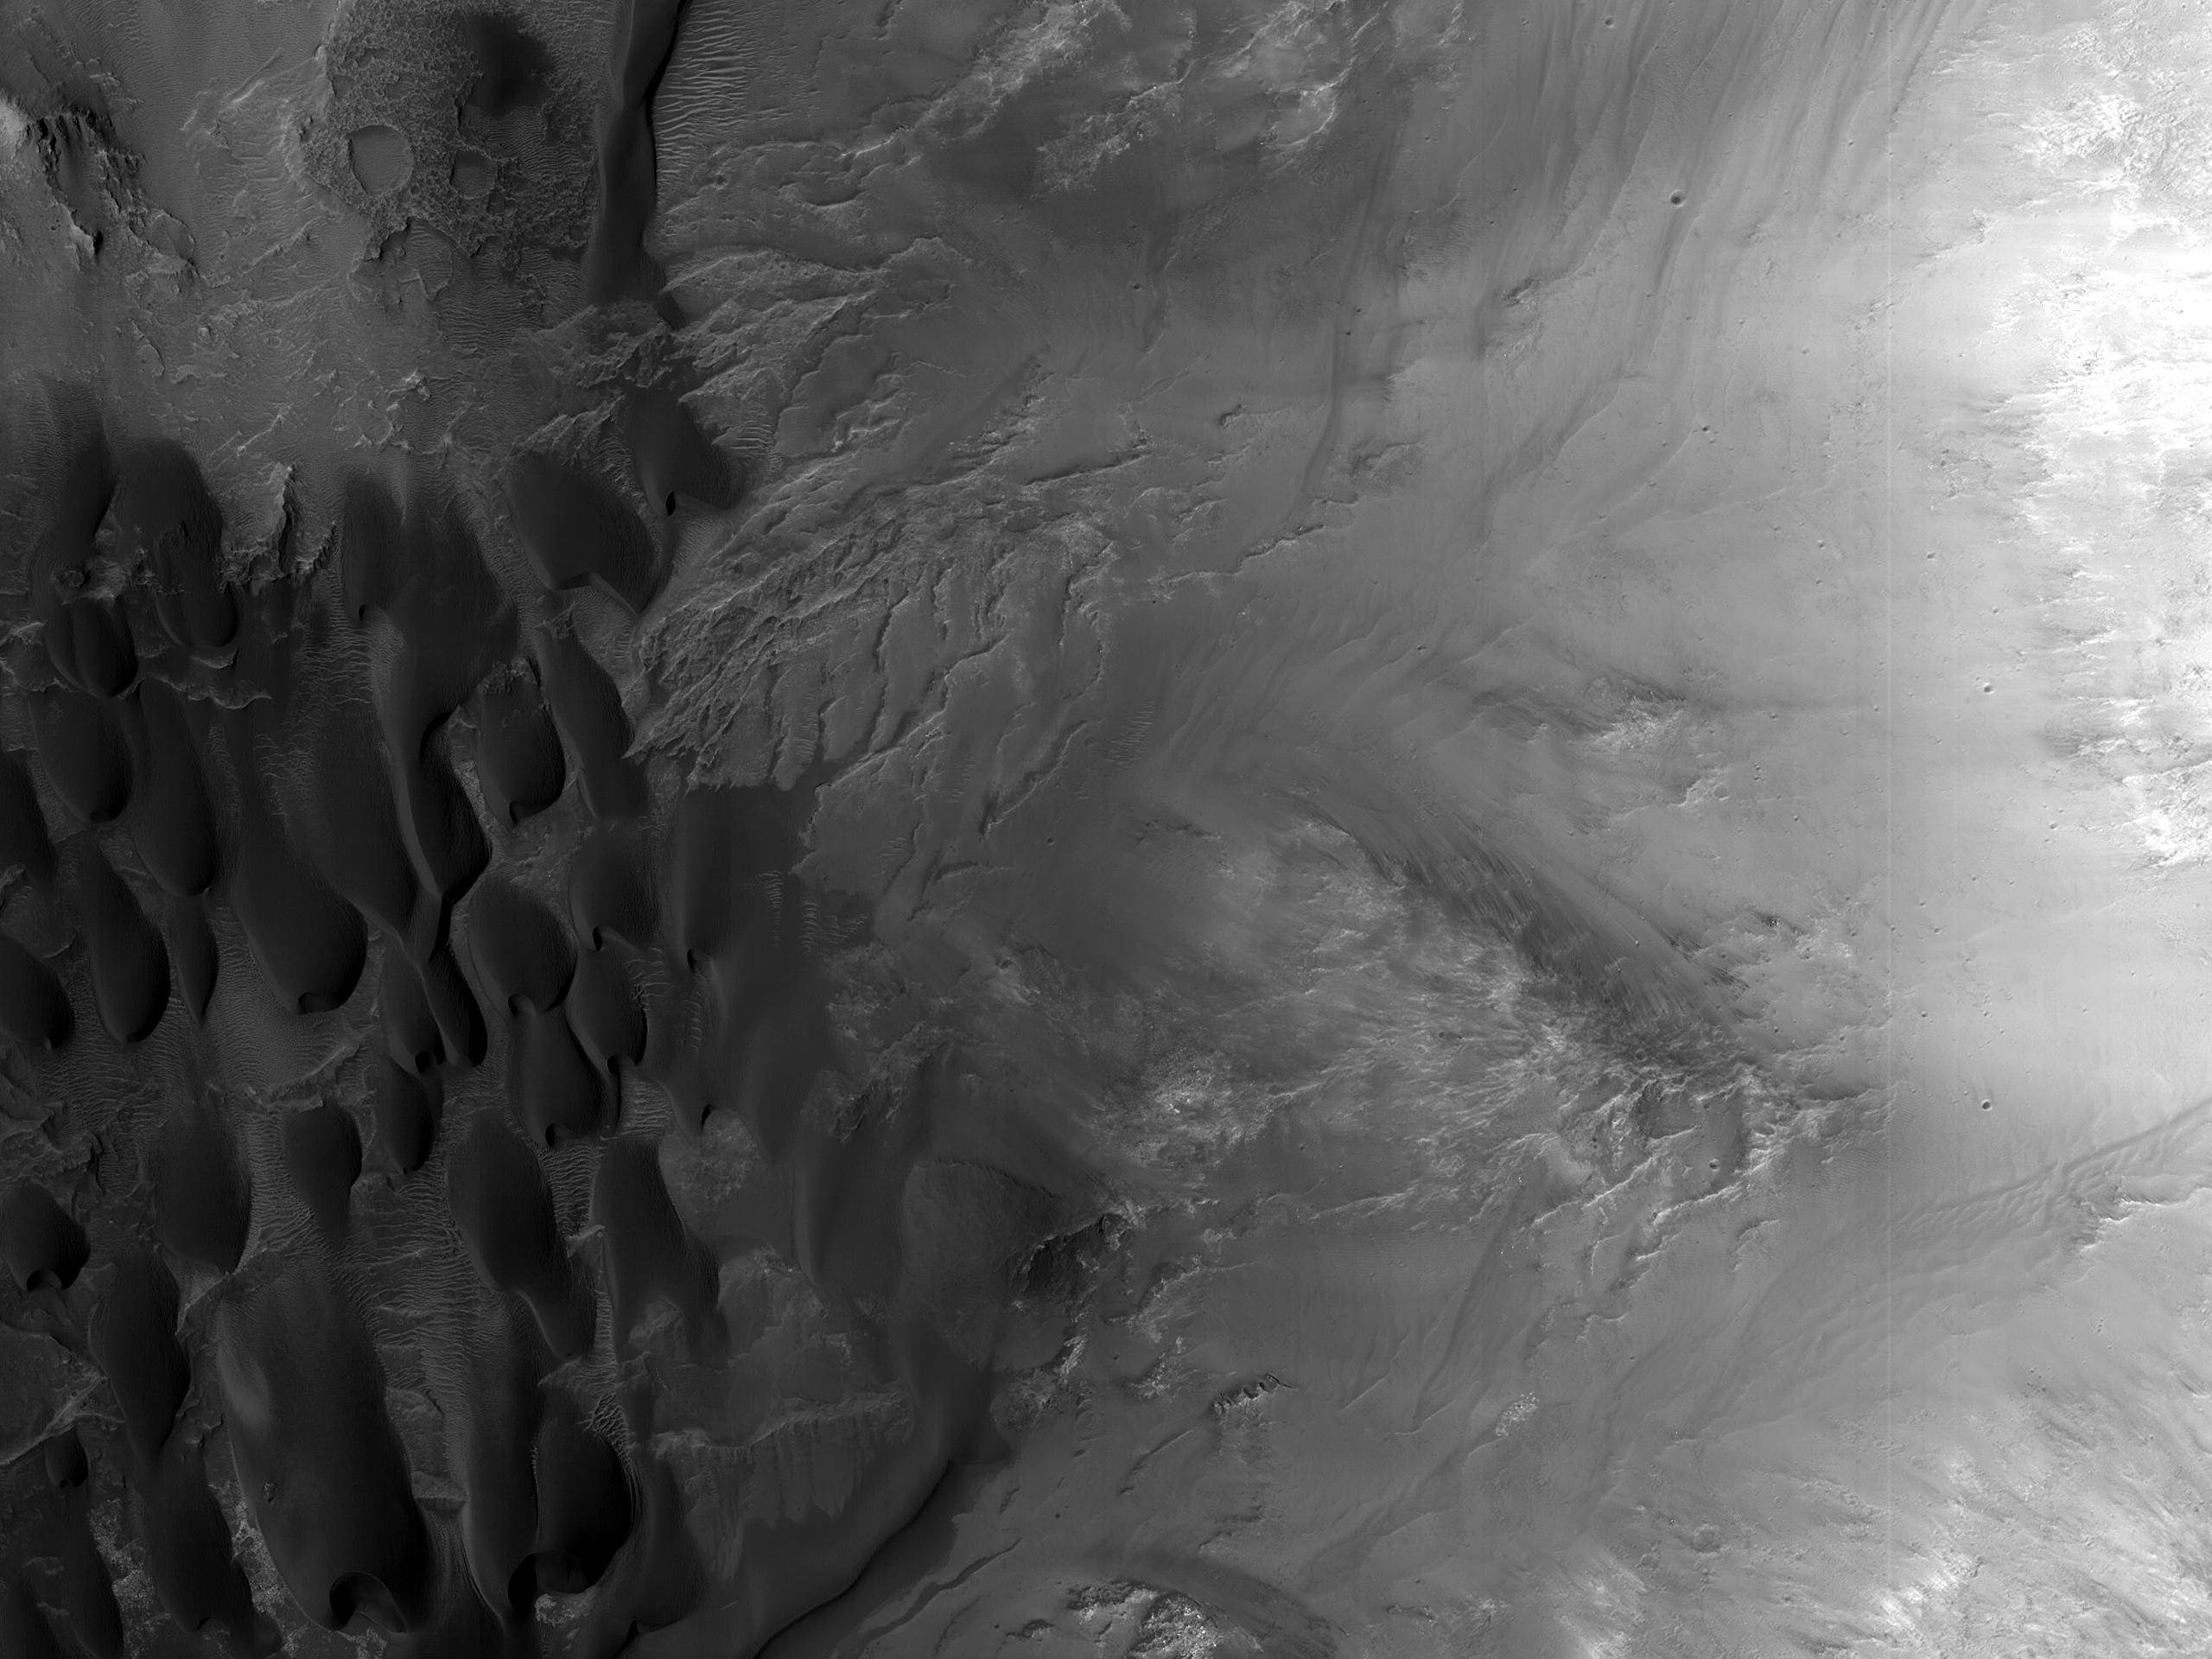 Dulovo Crater Dunes